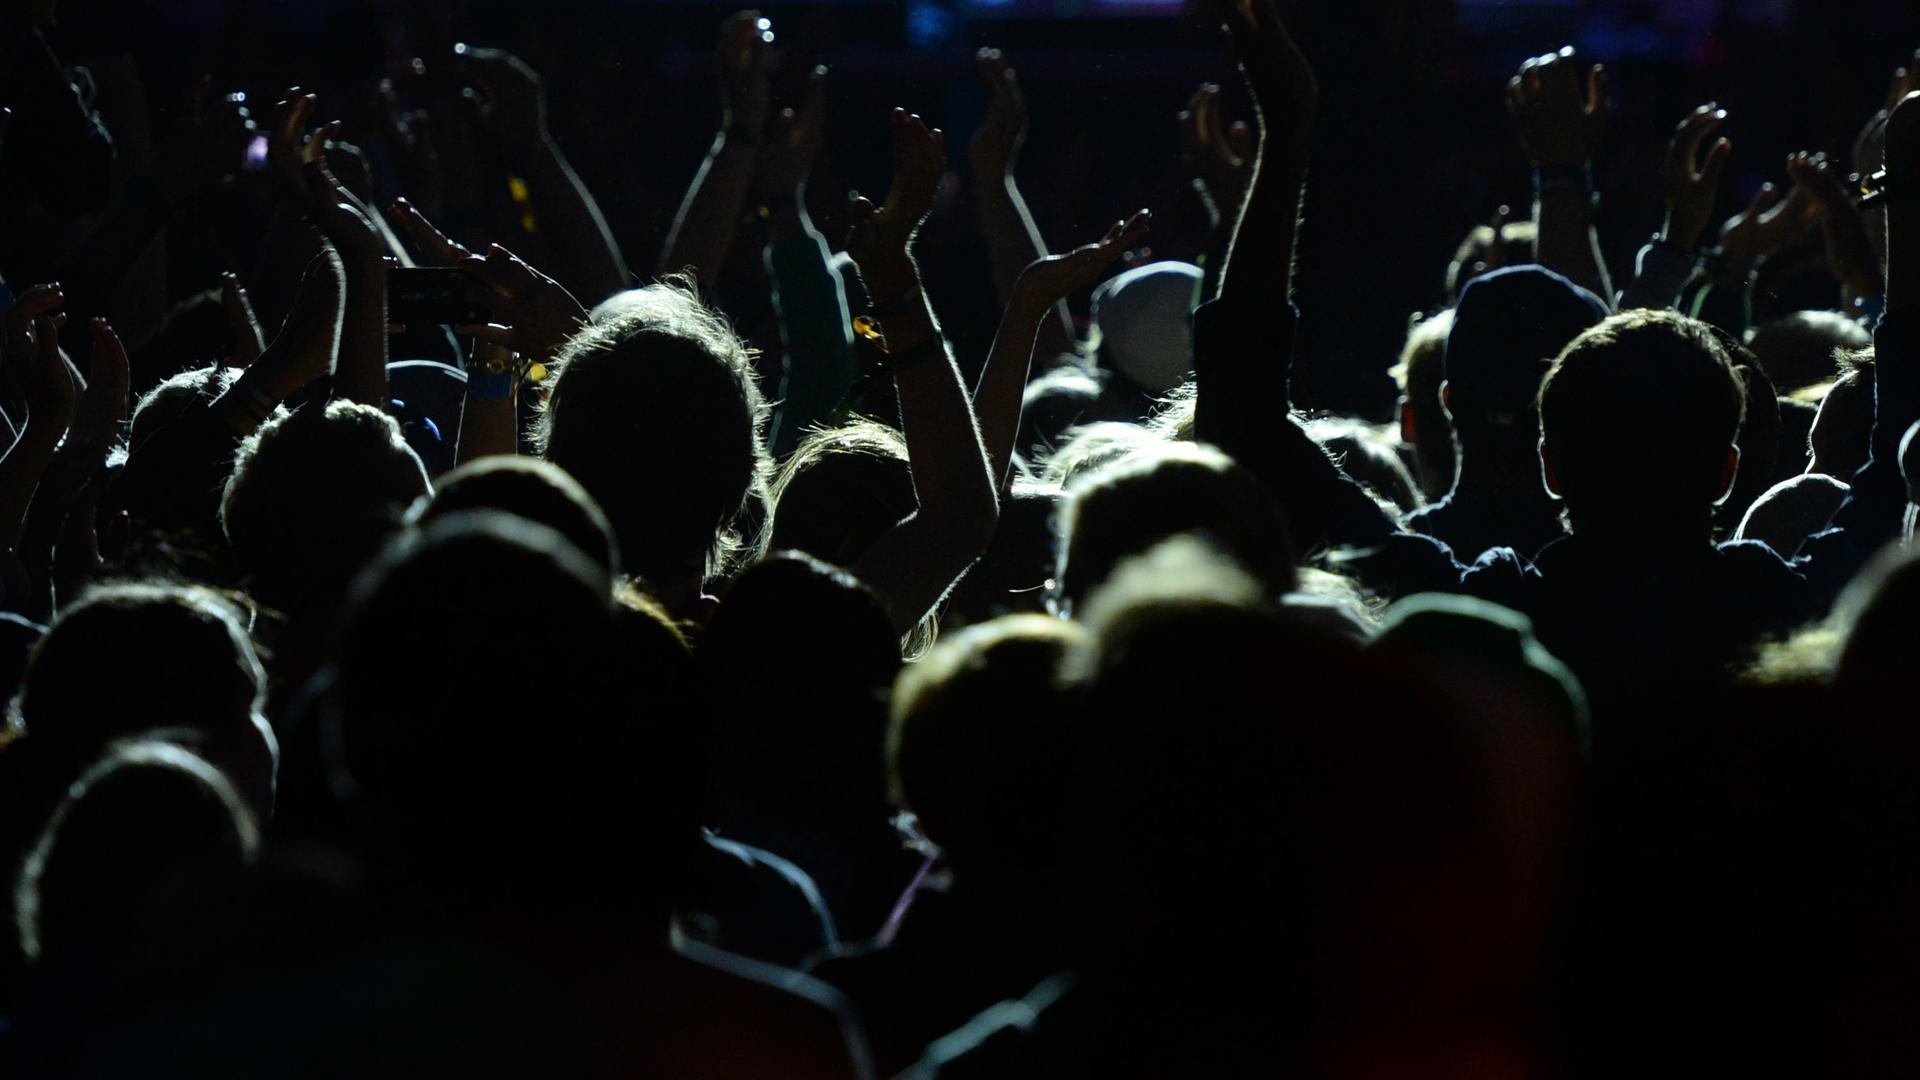 """ARCHIV- ILLUSTRATION- Besucher des Highfield Festivals am Störmthaler See in Großpösna (Sachsen) verfolgen am 15.08.2014 ein Konzert vor der Bühne. Foto: Hendrik Schmidt/dpa (zu """"18 Anzeigen nach sexuellen Belästigungen in Darmstadt"""" vom 31.05.2016) +++ dpa-Bildfunk +++"""